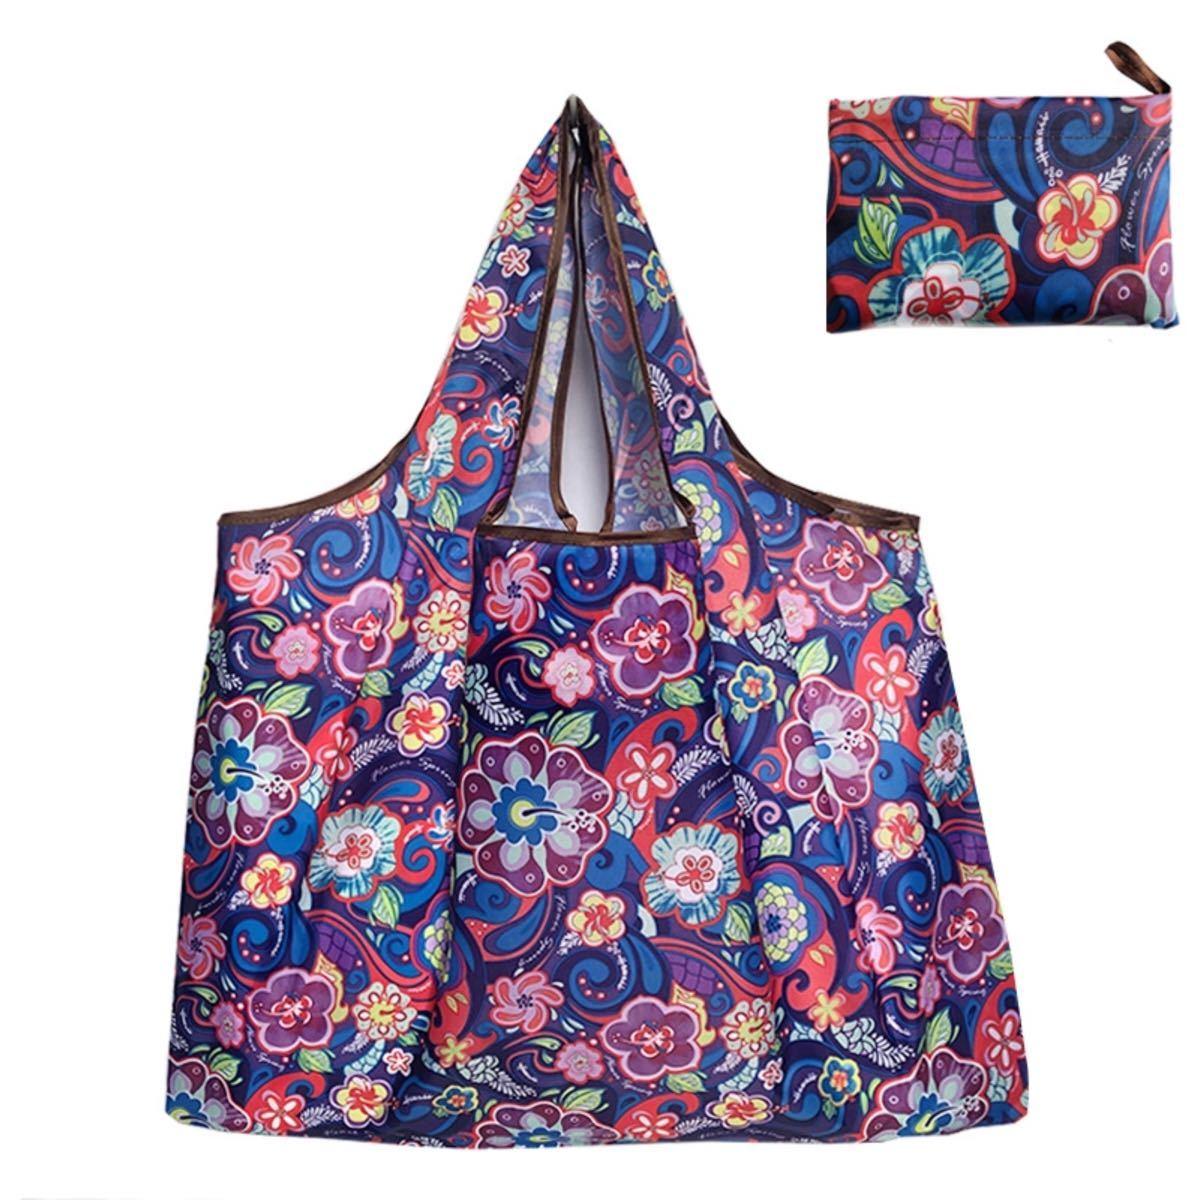 エコバッグ 2枚セット 大容量 花柄 丈夫 軽量 コンパクト 洗濯可 マイバッグ